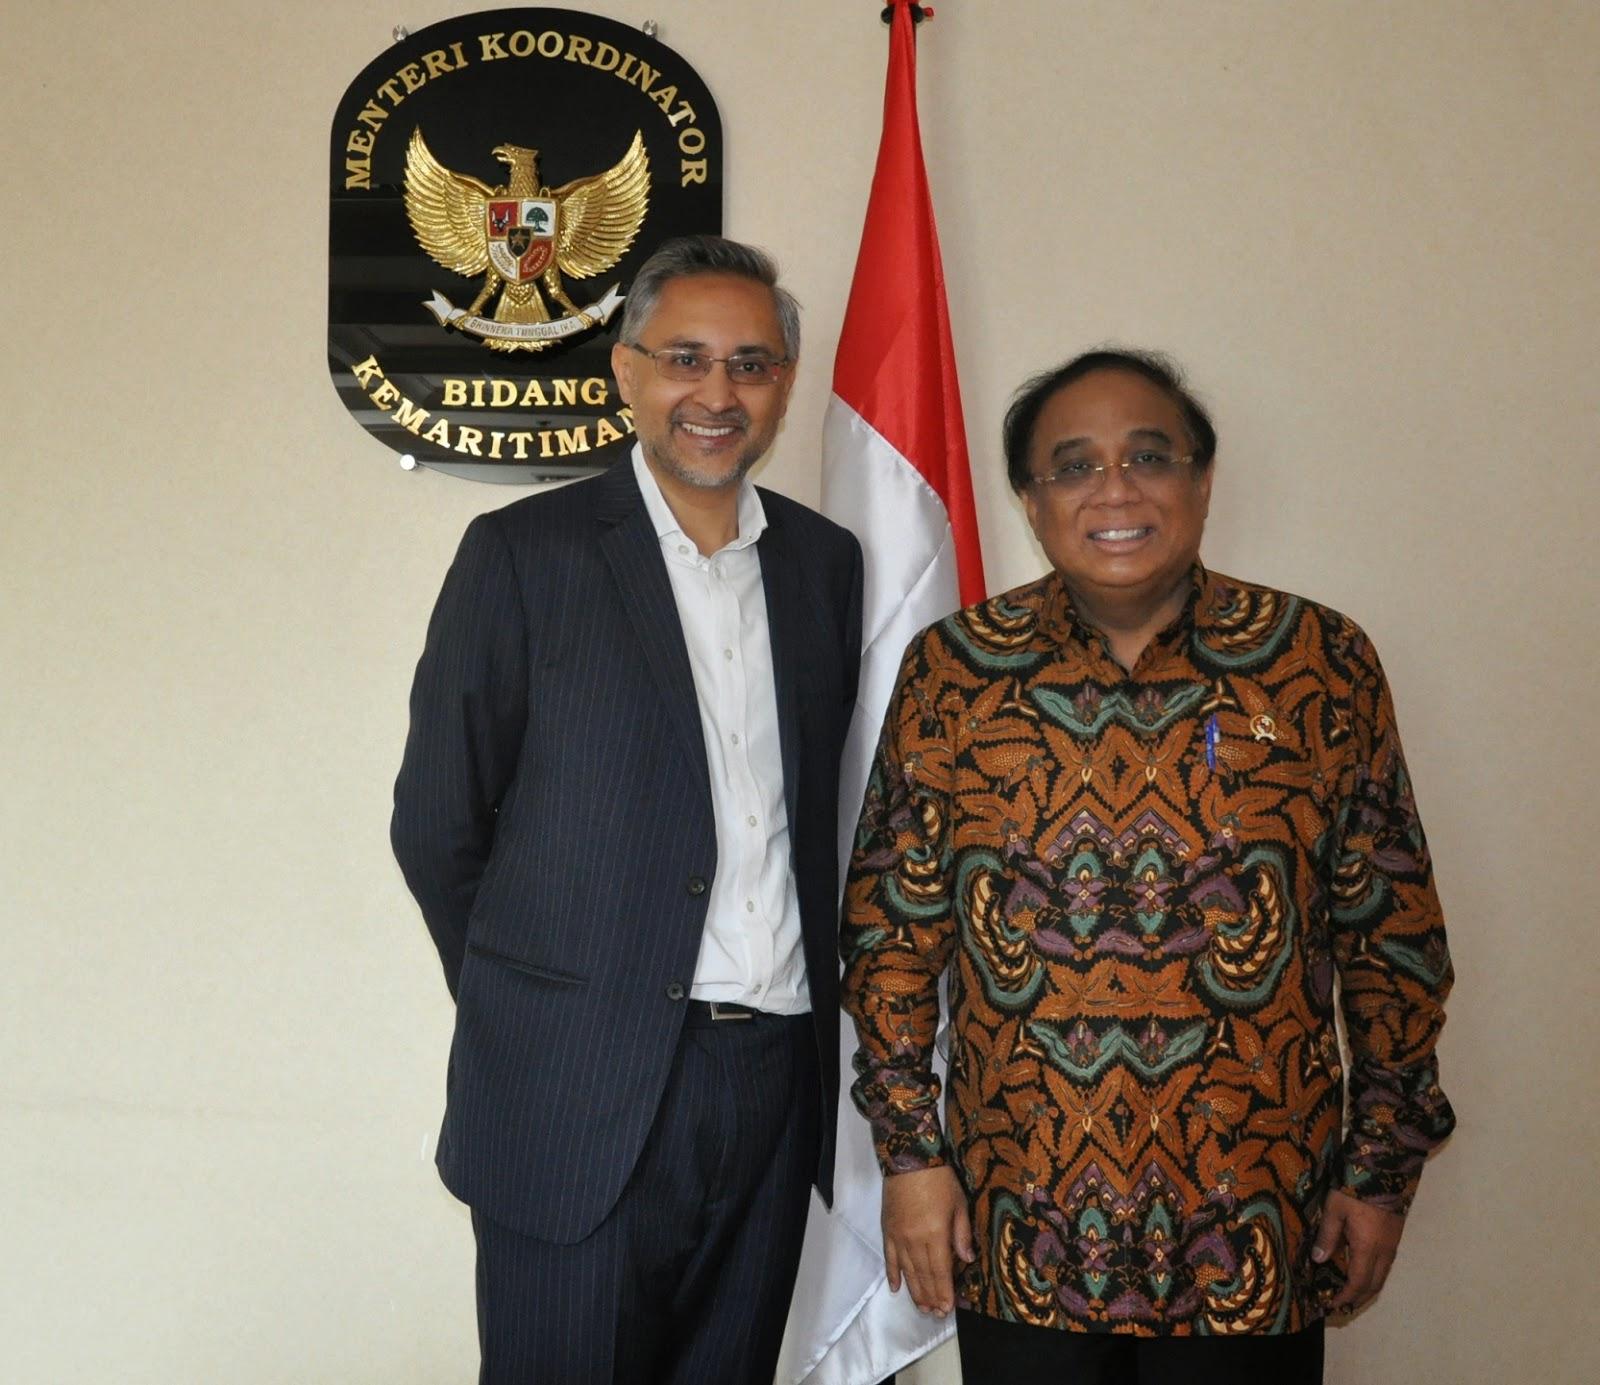 Indonesia Dan Inggris Kerjasama Teknologi Pembangkit